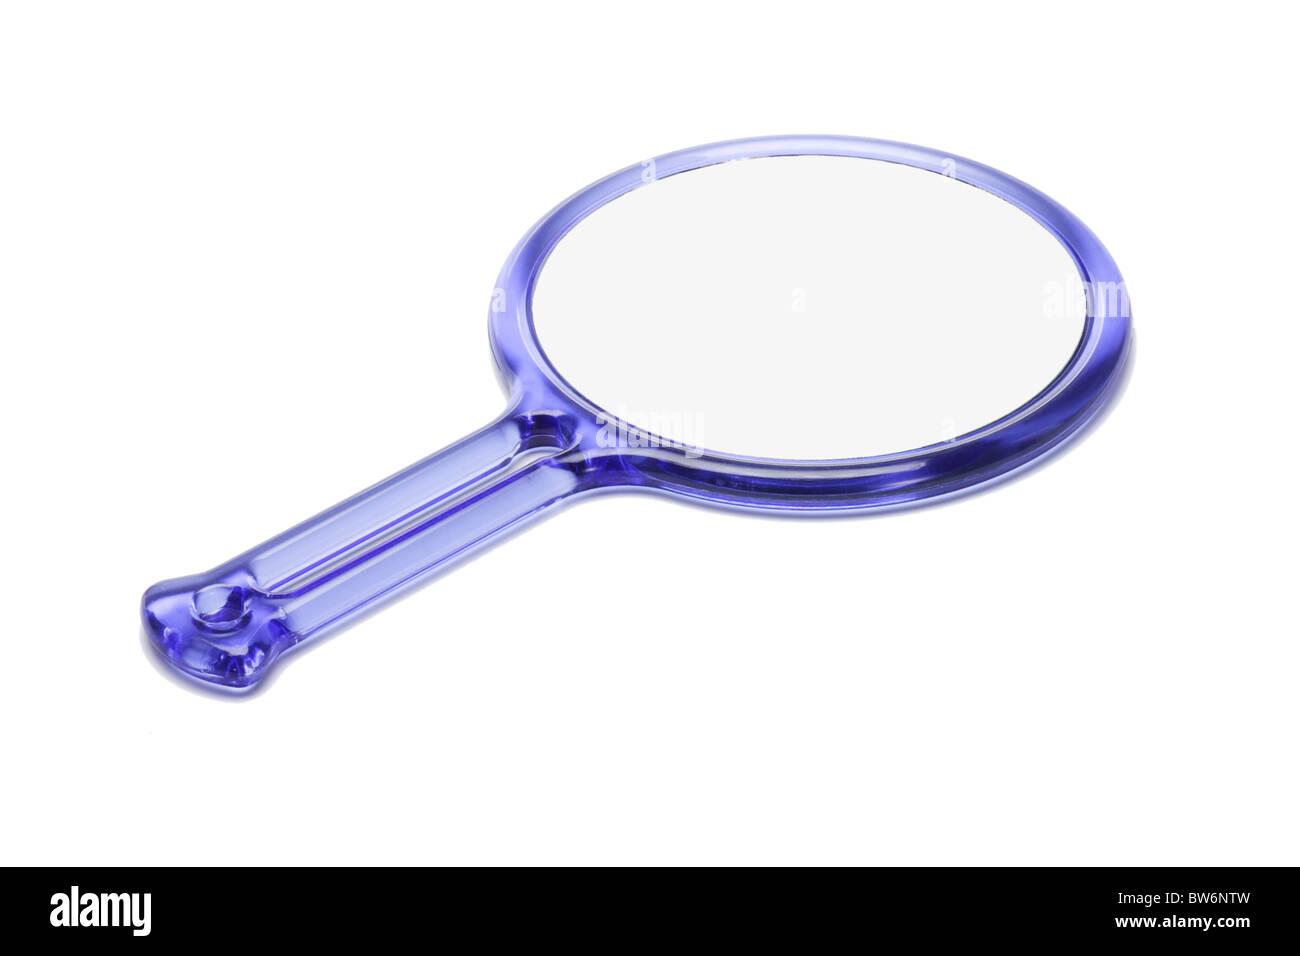 Miroir à main en plastique bleu sur fond blanc Photo Stock